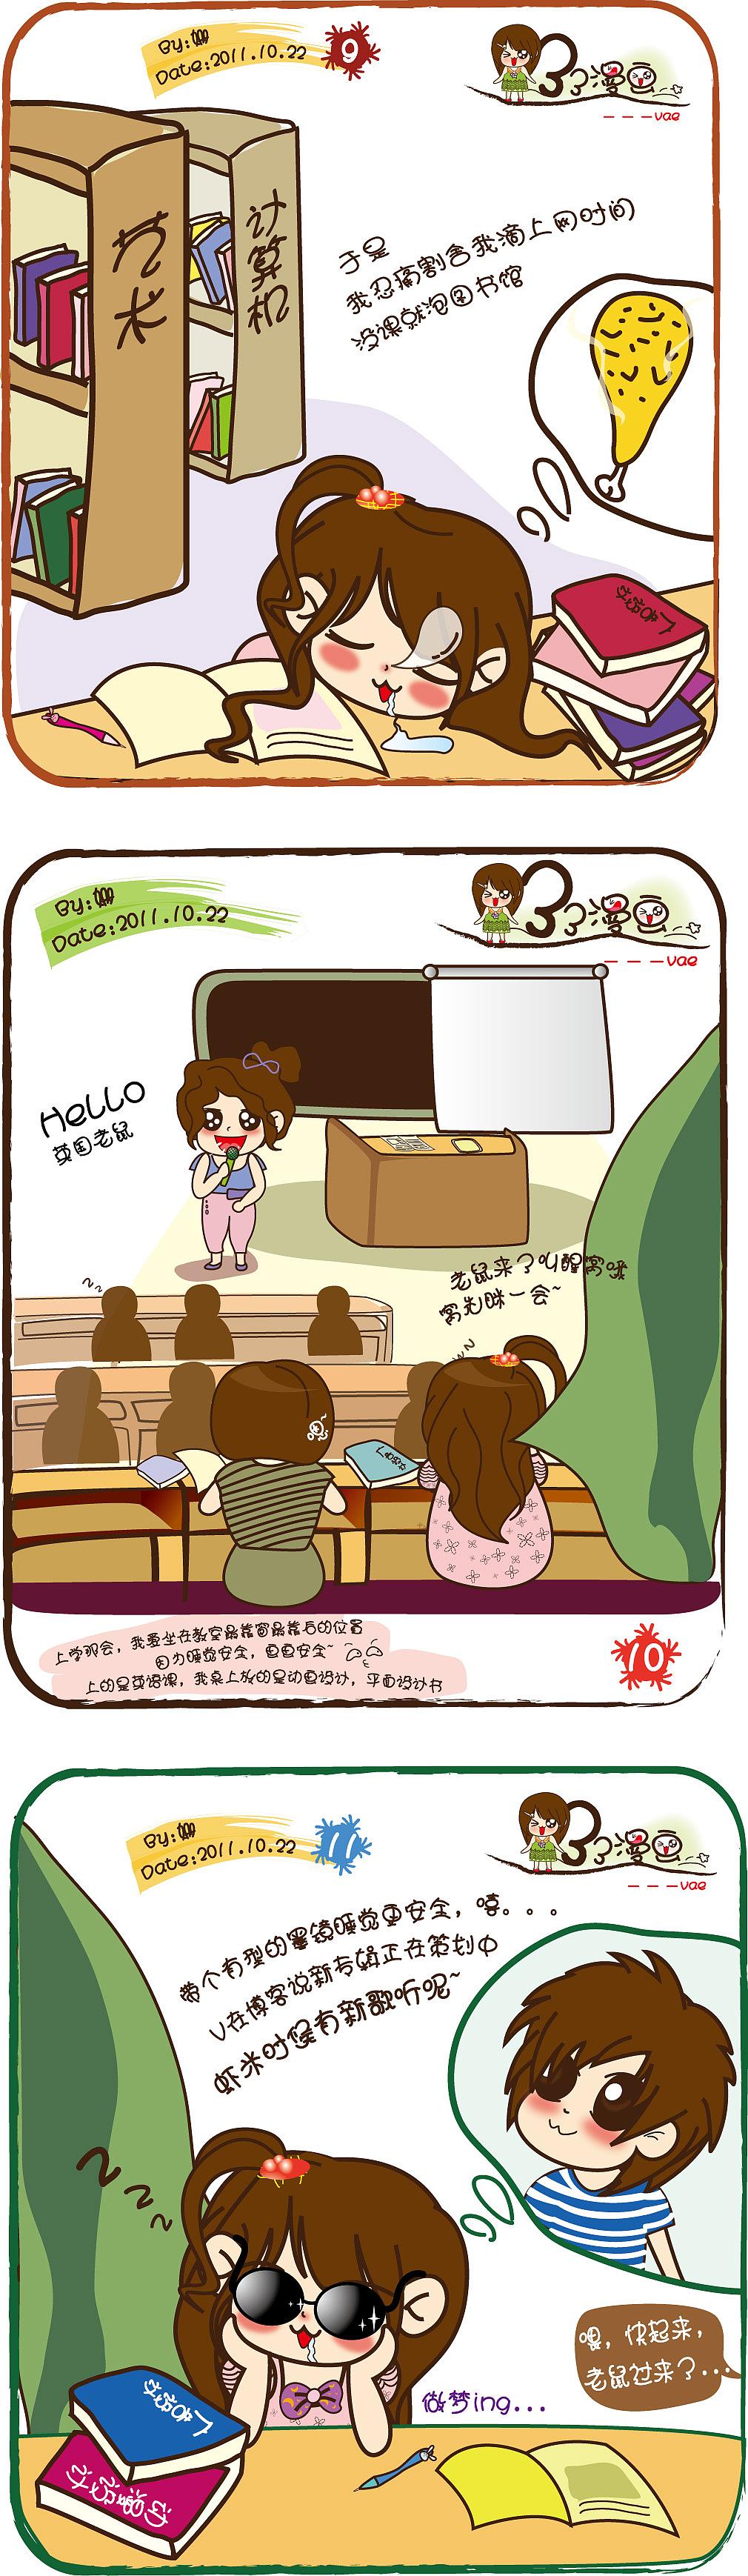 动漫 卡通 漫画 头像 1010_3477 竖版 竖屏